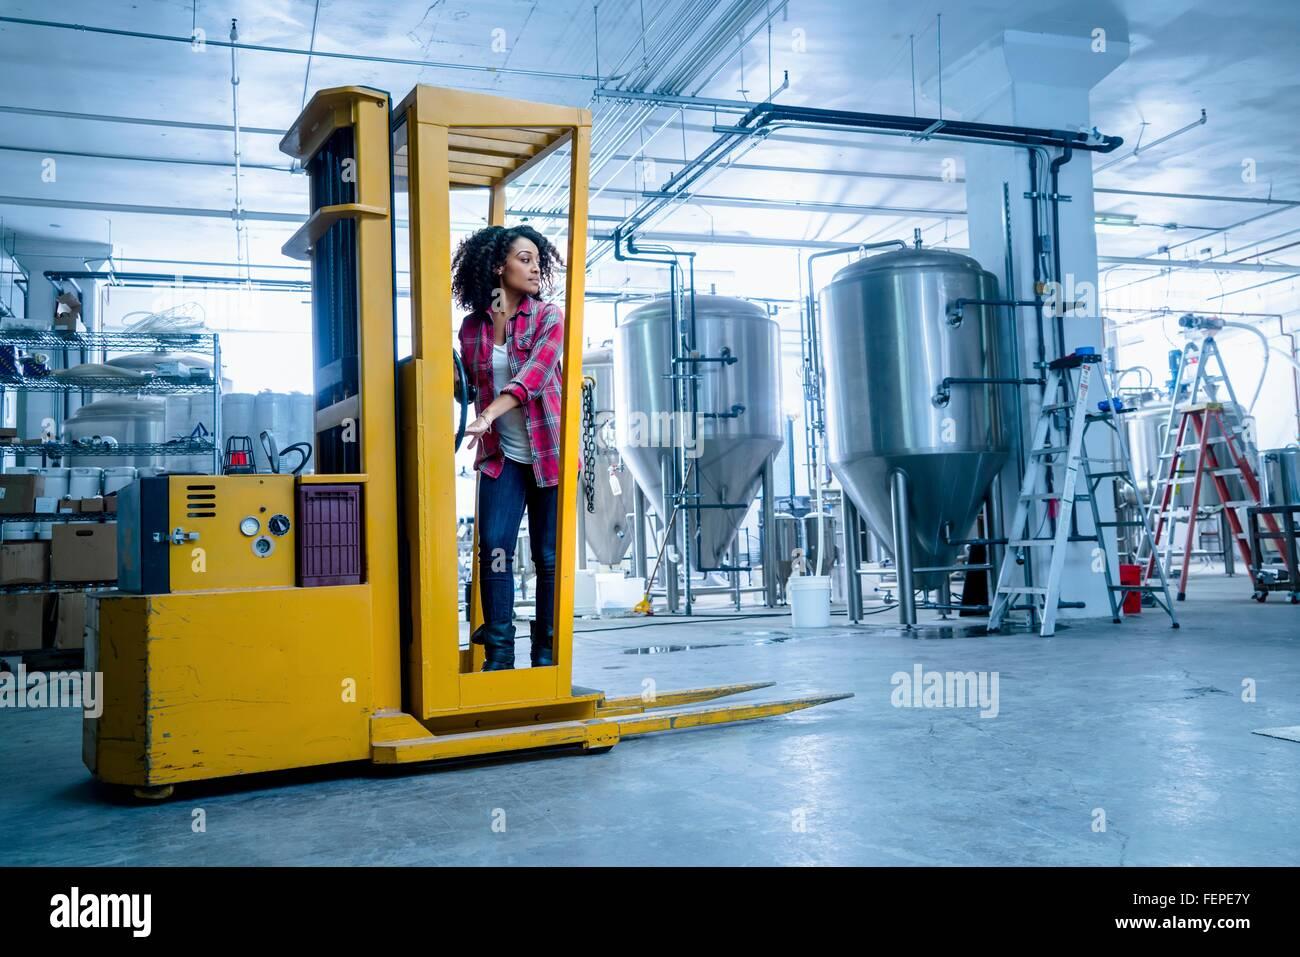 Metà donna adulta in birreria la guida carrello elevatore che guarda lontano Immagini Stock